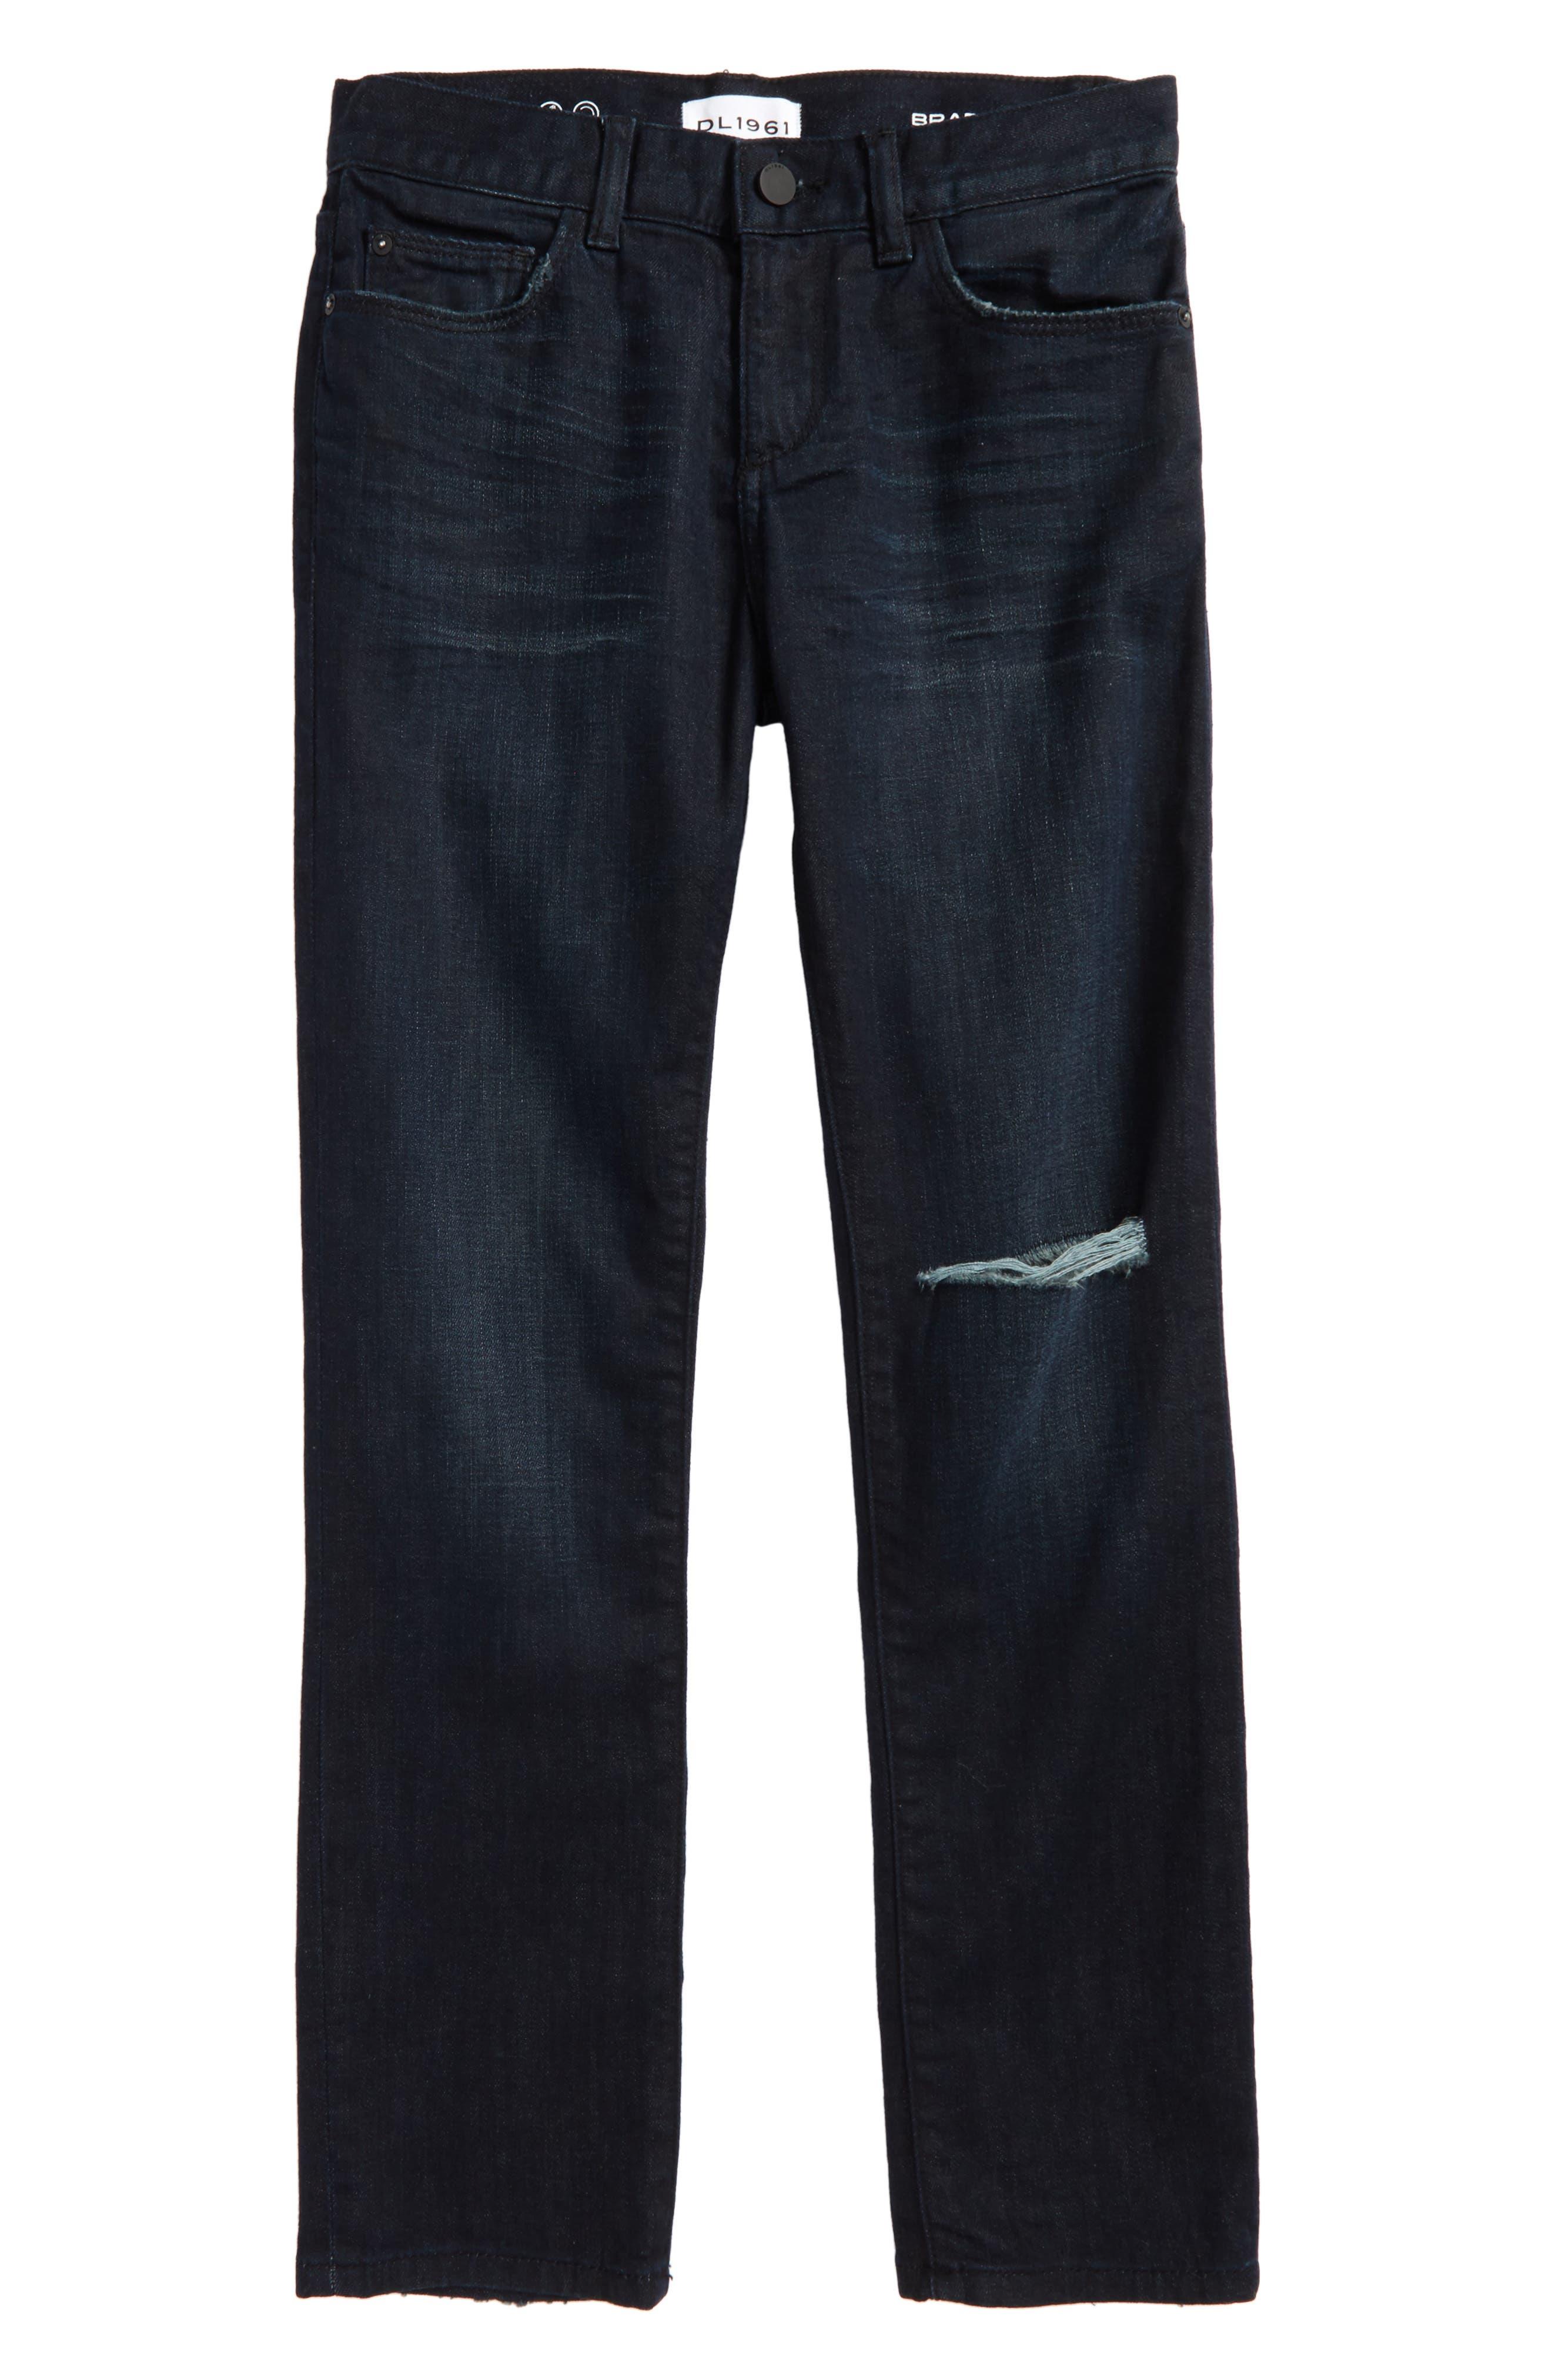 DL 1961 Brady Slim Fit Jeans,                         Main,                         color, 405